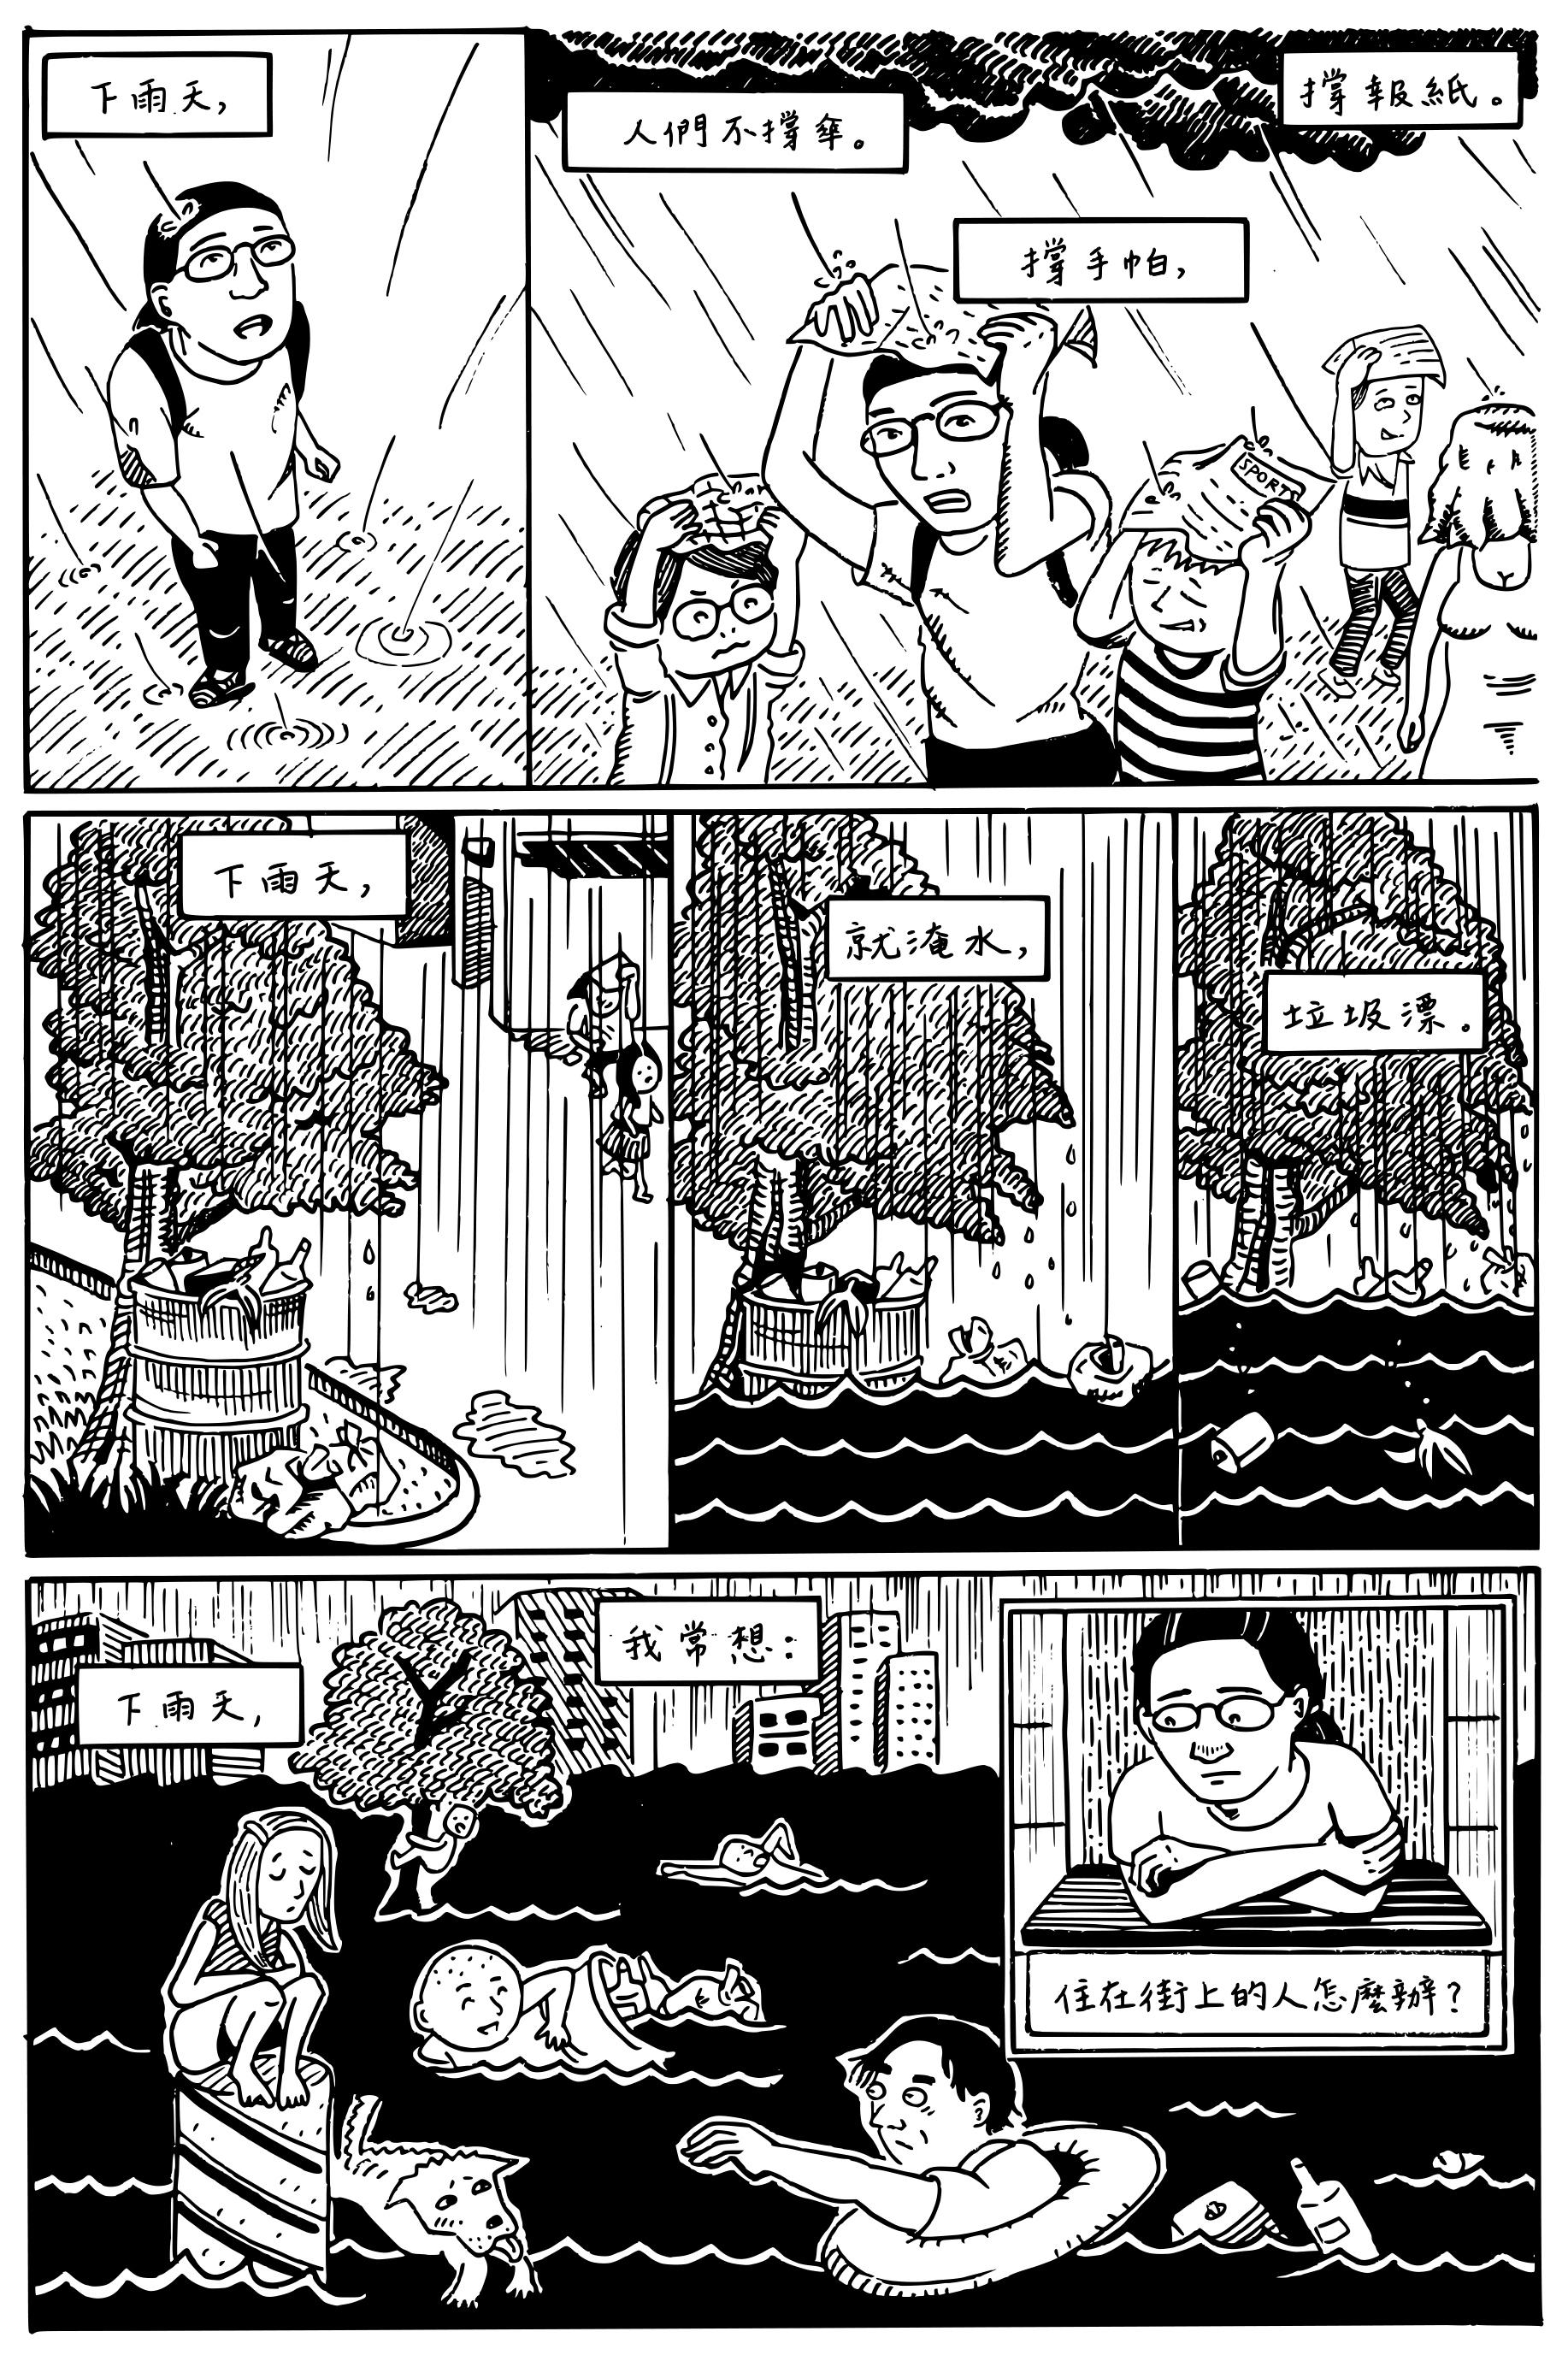 〈街上的尊嚴〉篇章其中一頁,從馬尼拉頻繁出現的颱風與水災出發,思考無家者與貧民的困境。